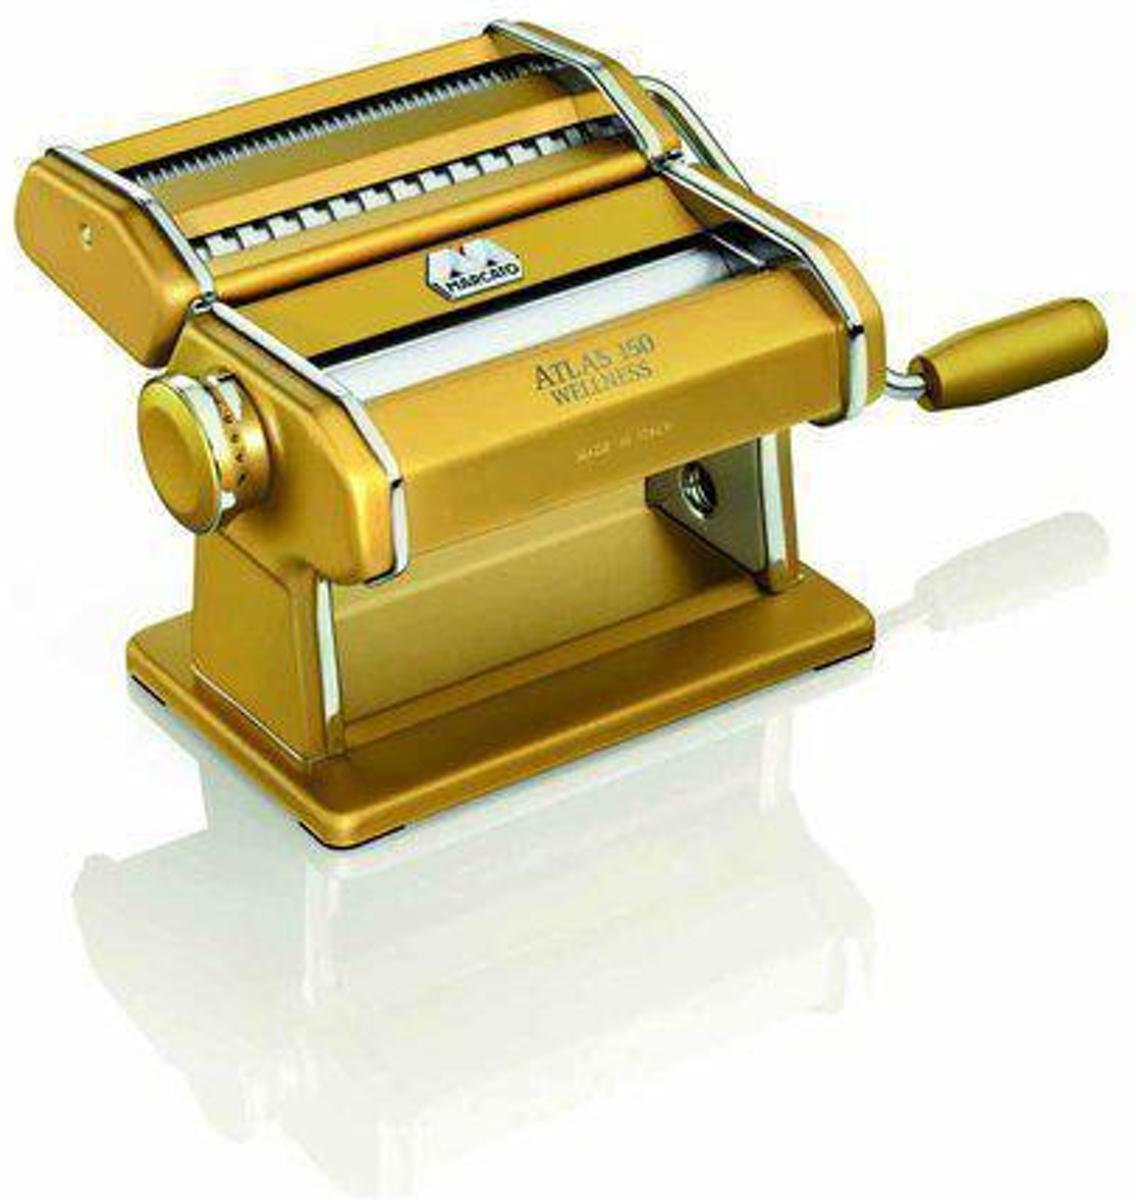 Marcato Atlas 150 Wellness Color - Pastamachine - Goud kopen